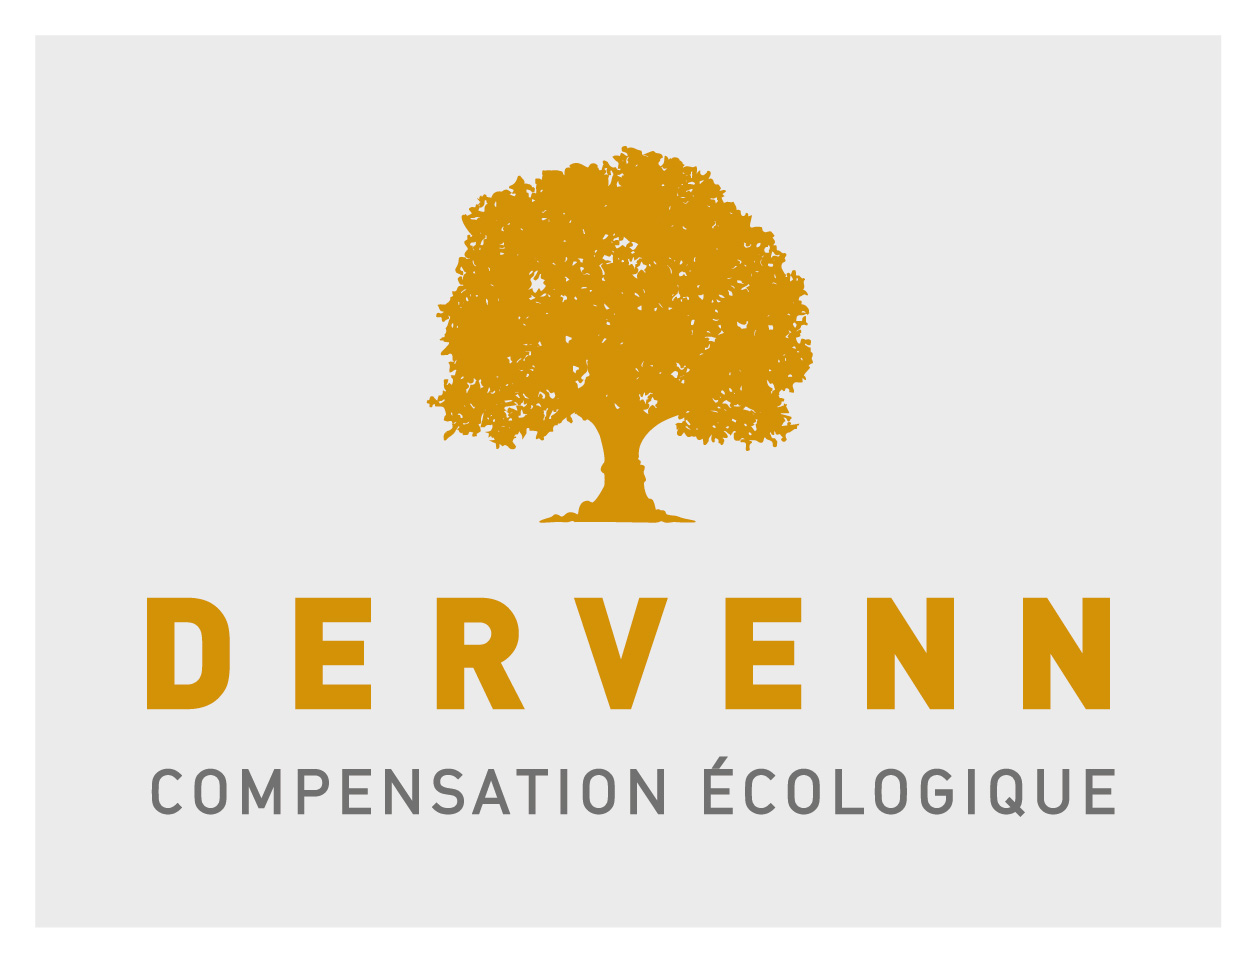 Dervenn compensation écologique